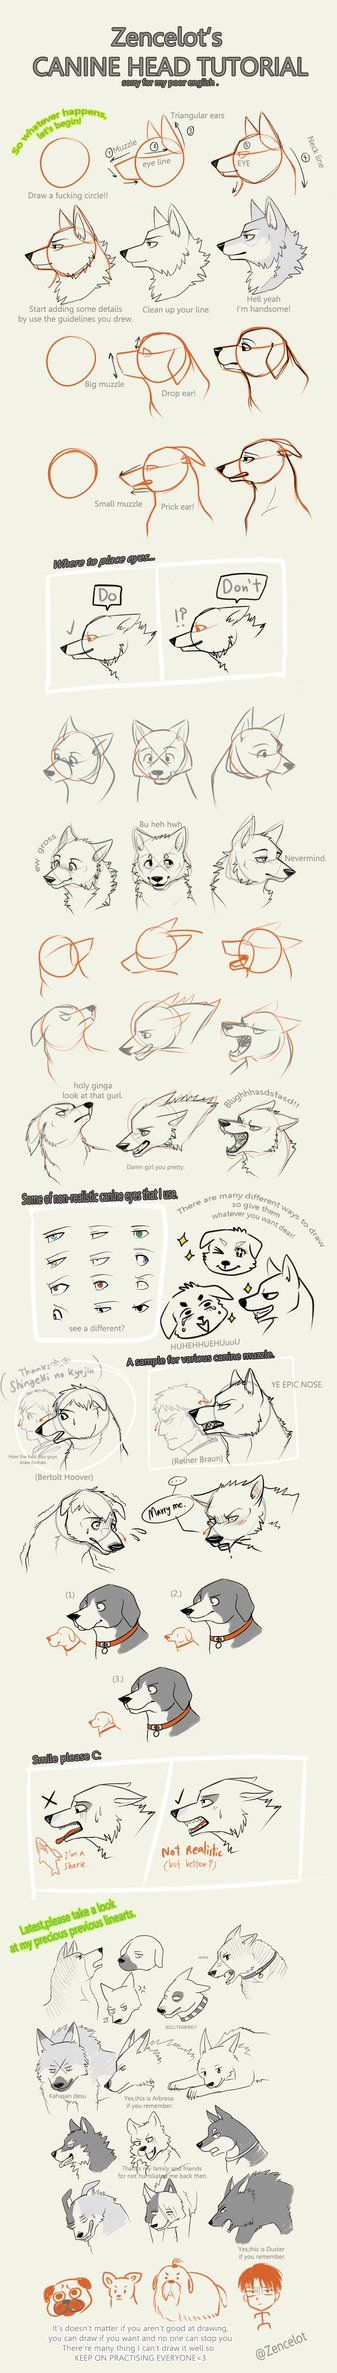 Zency's Canine Head Tutorial by Zencelot